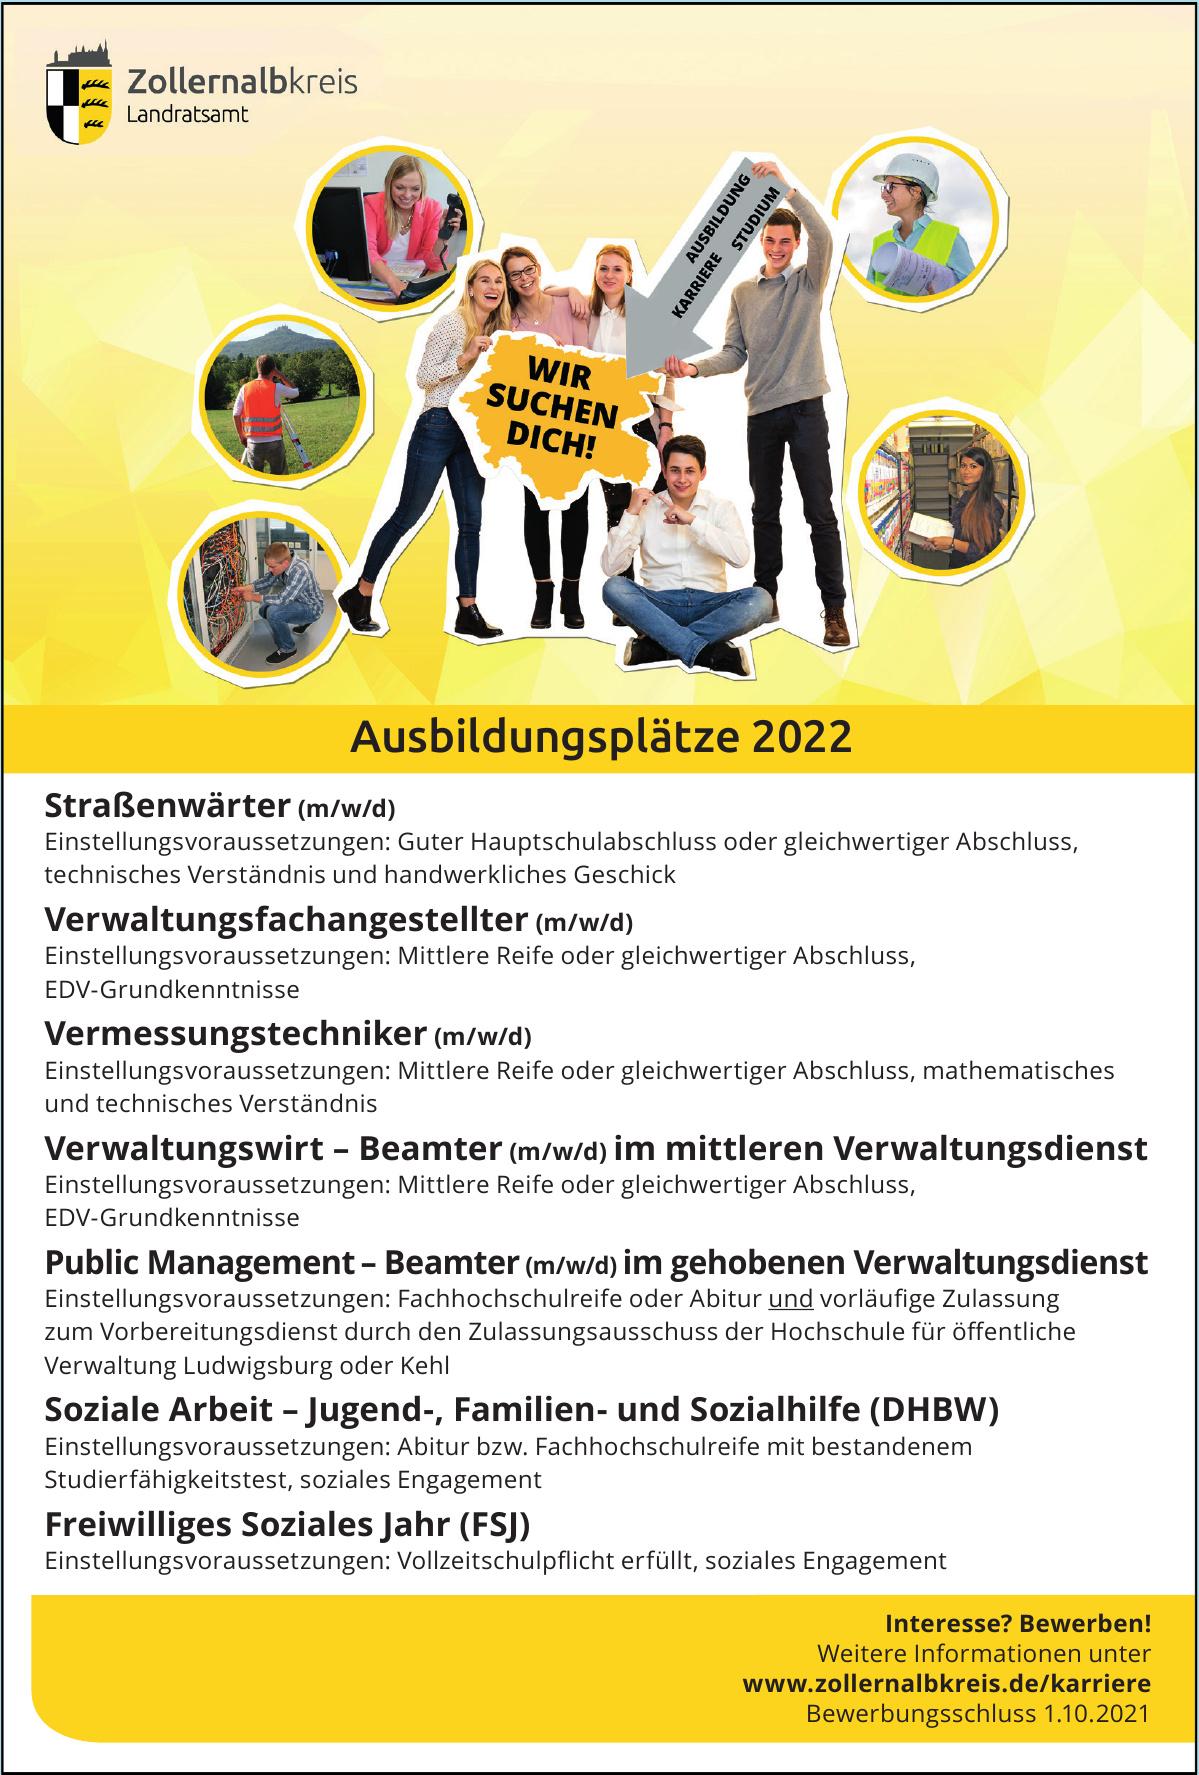 Zollernalbkreis Landratsamt